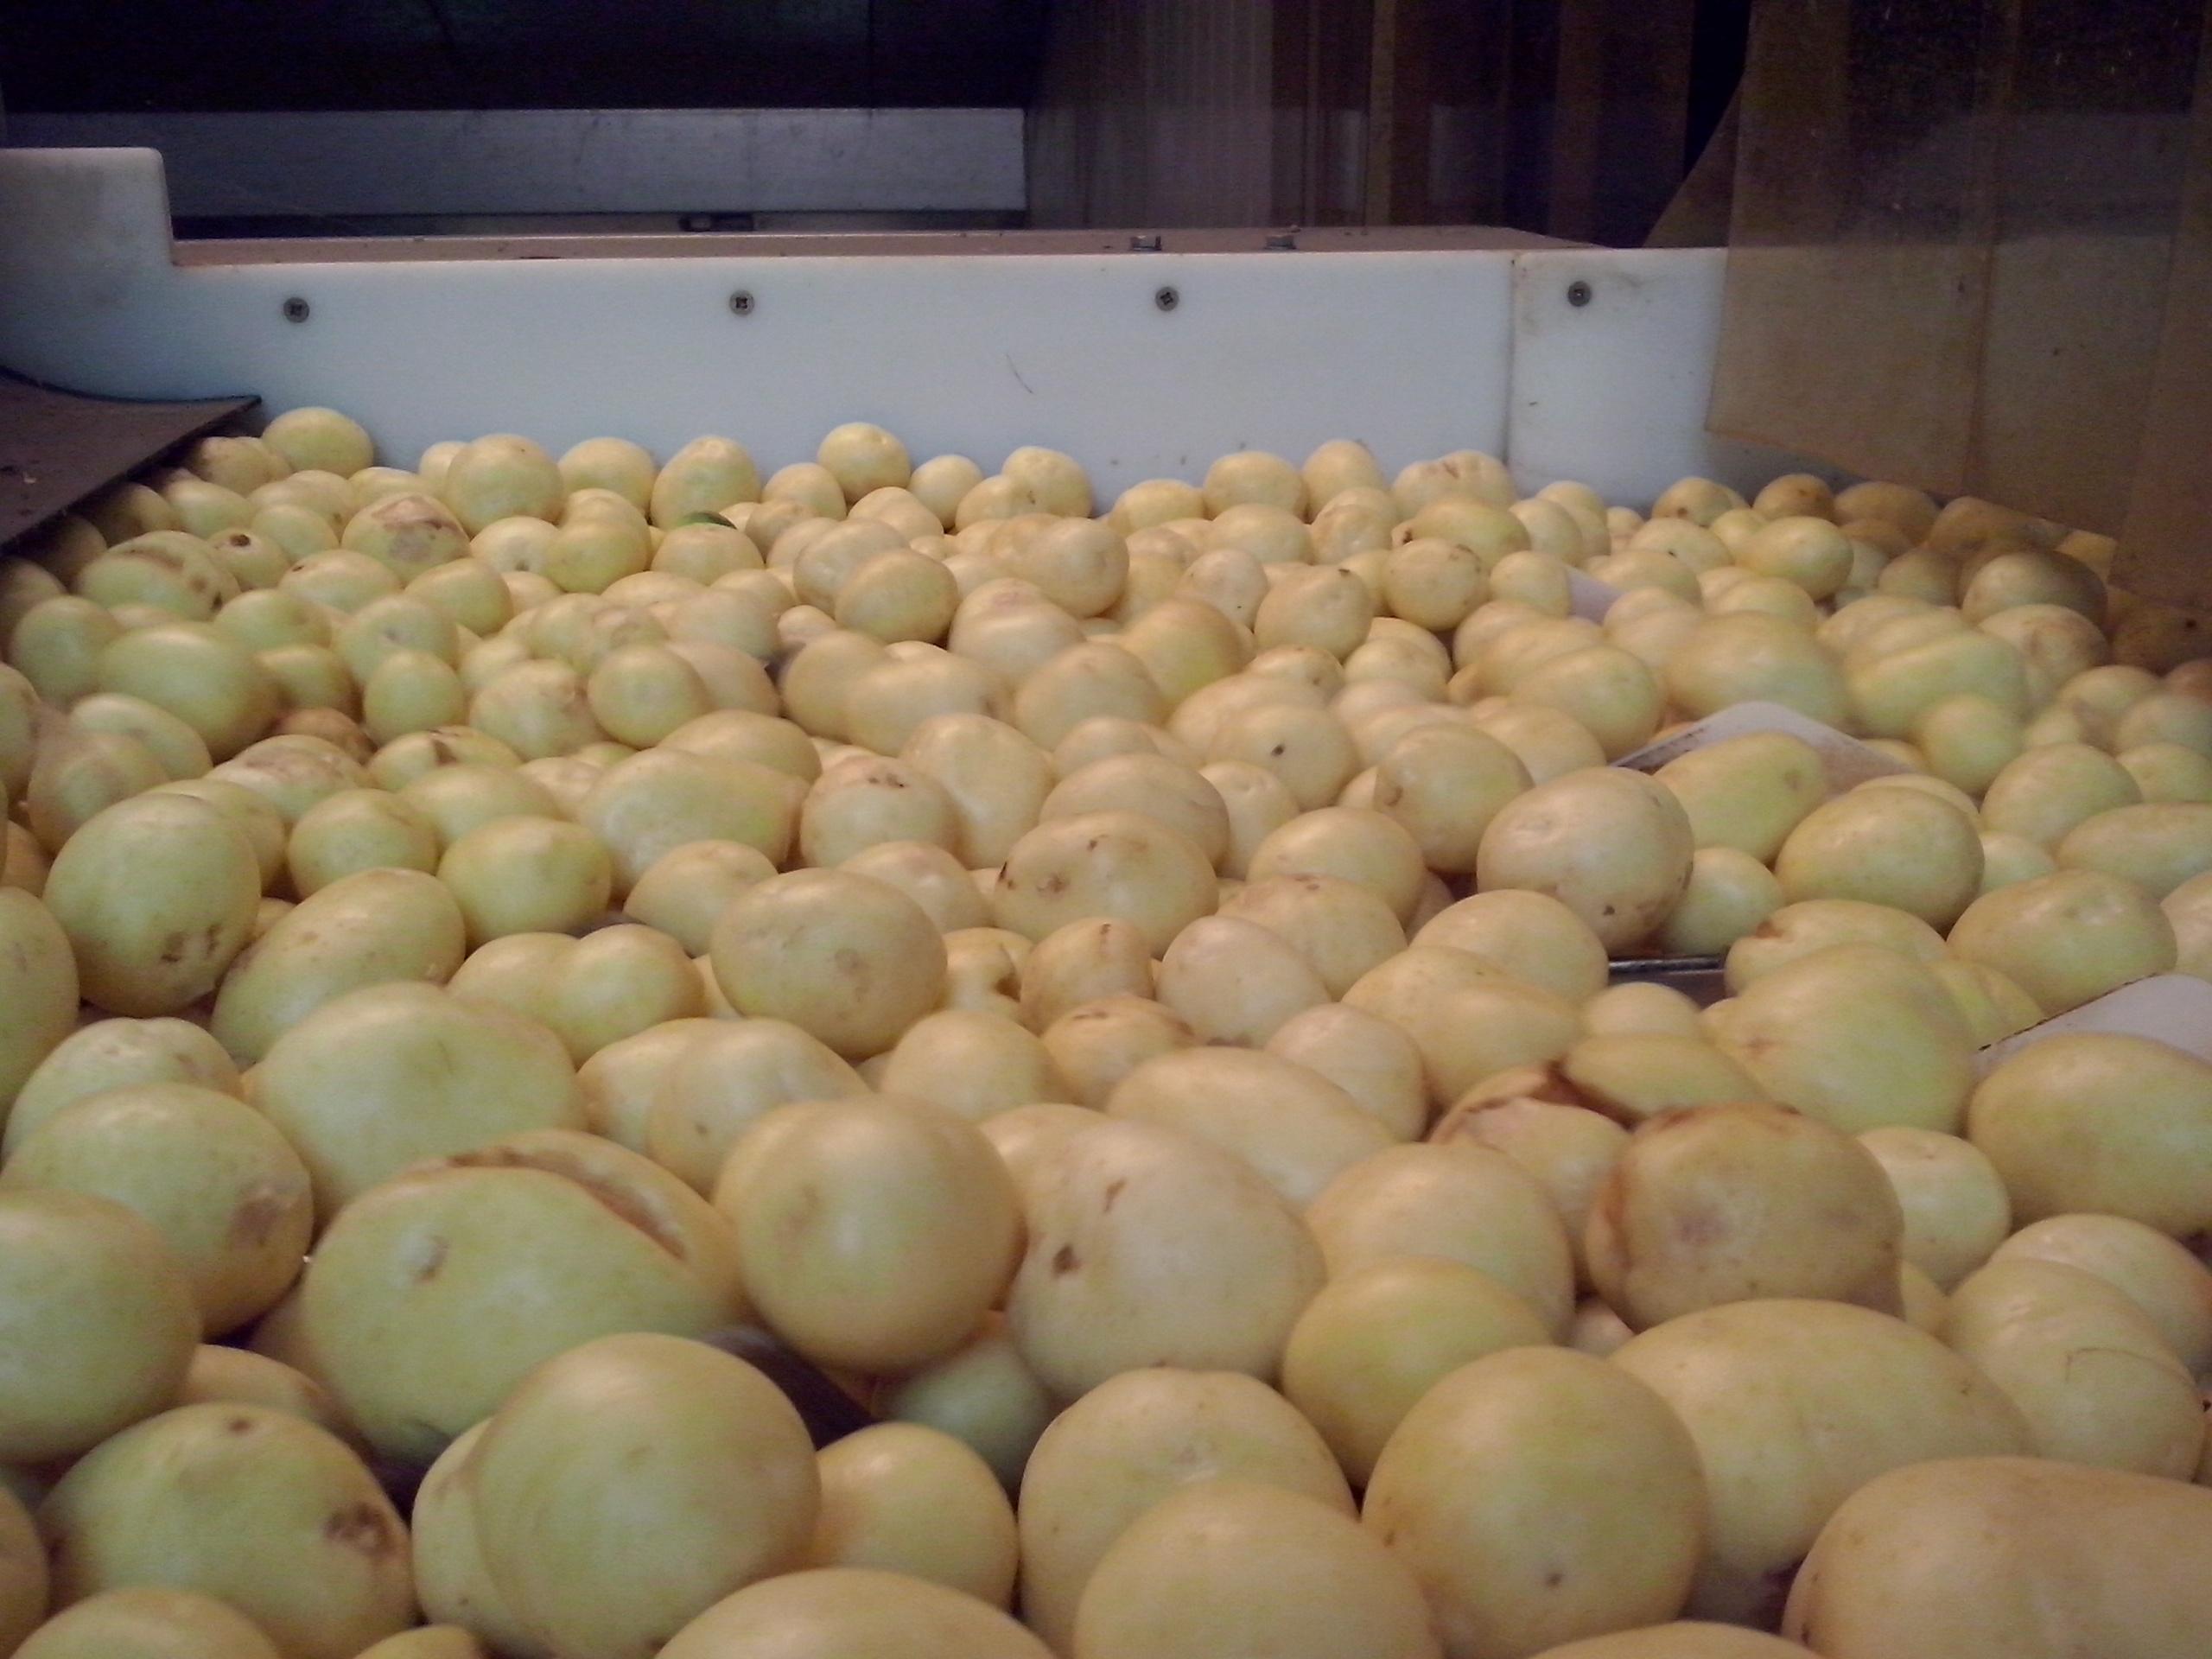 De første nye Marienlyst øko kartofler er klar